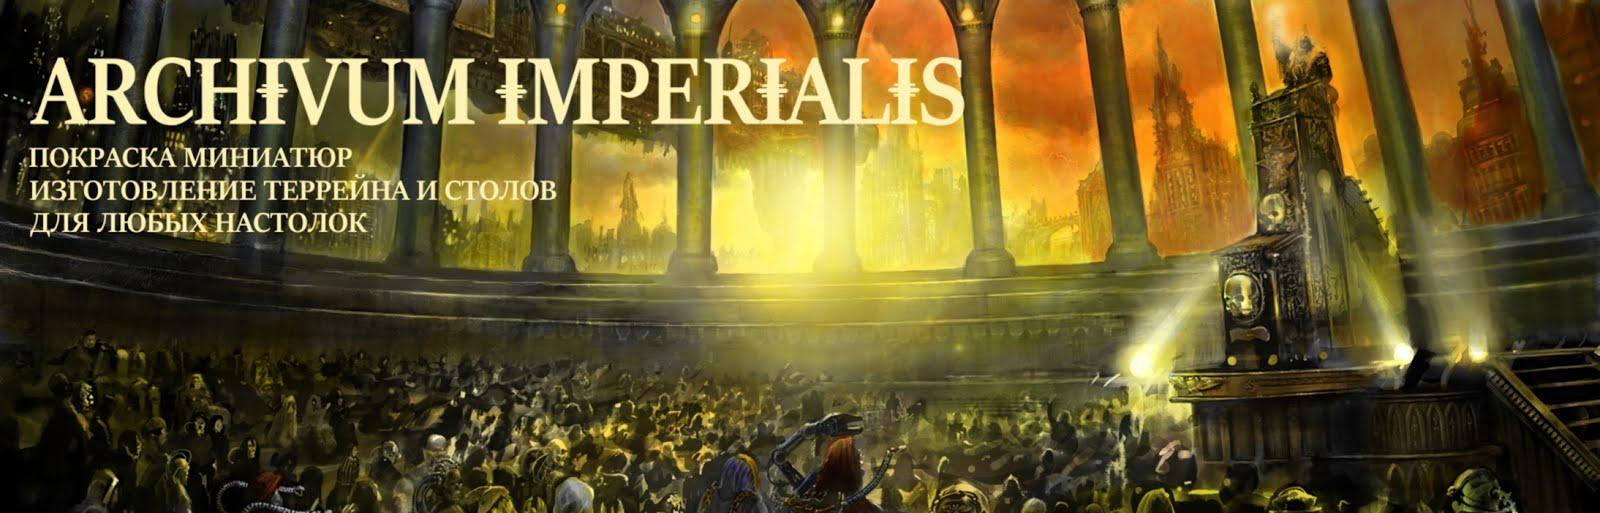 Archivum Imperialis